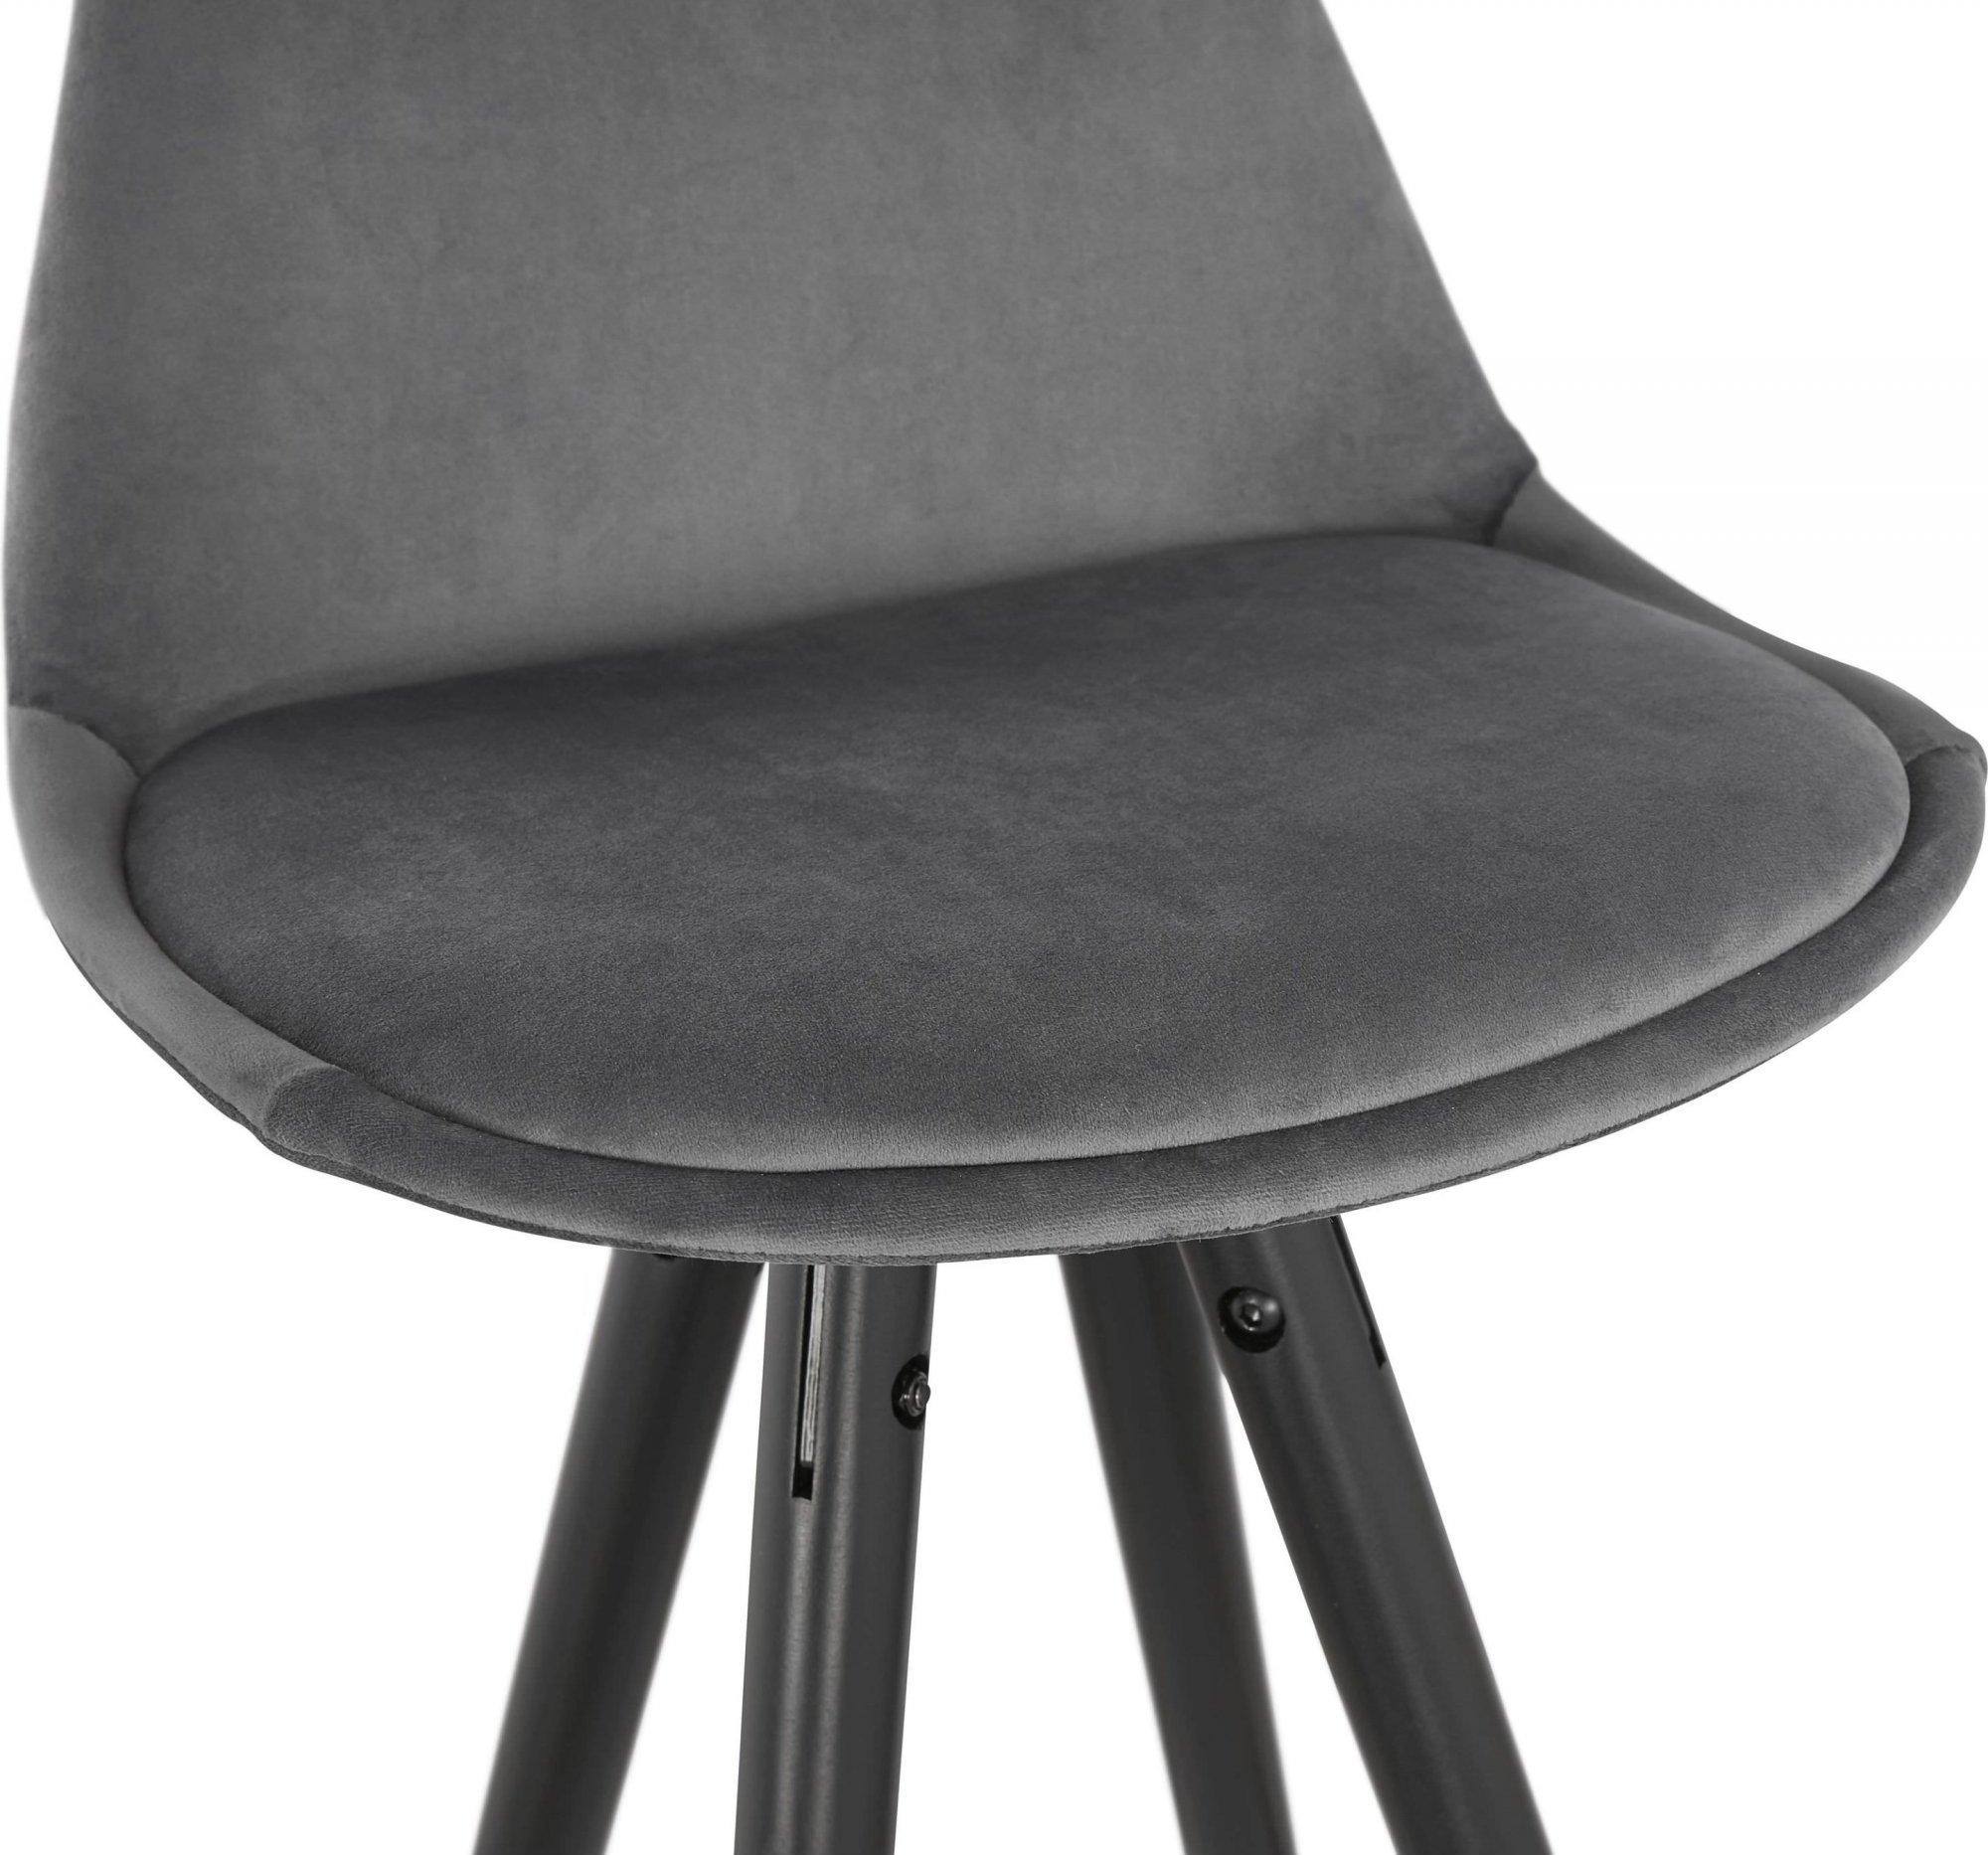 Tabouret de bar design bois noir et velours gris h87cm